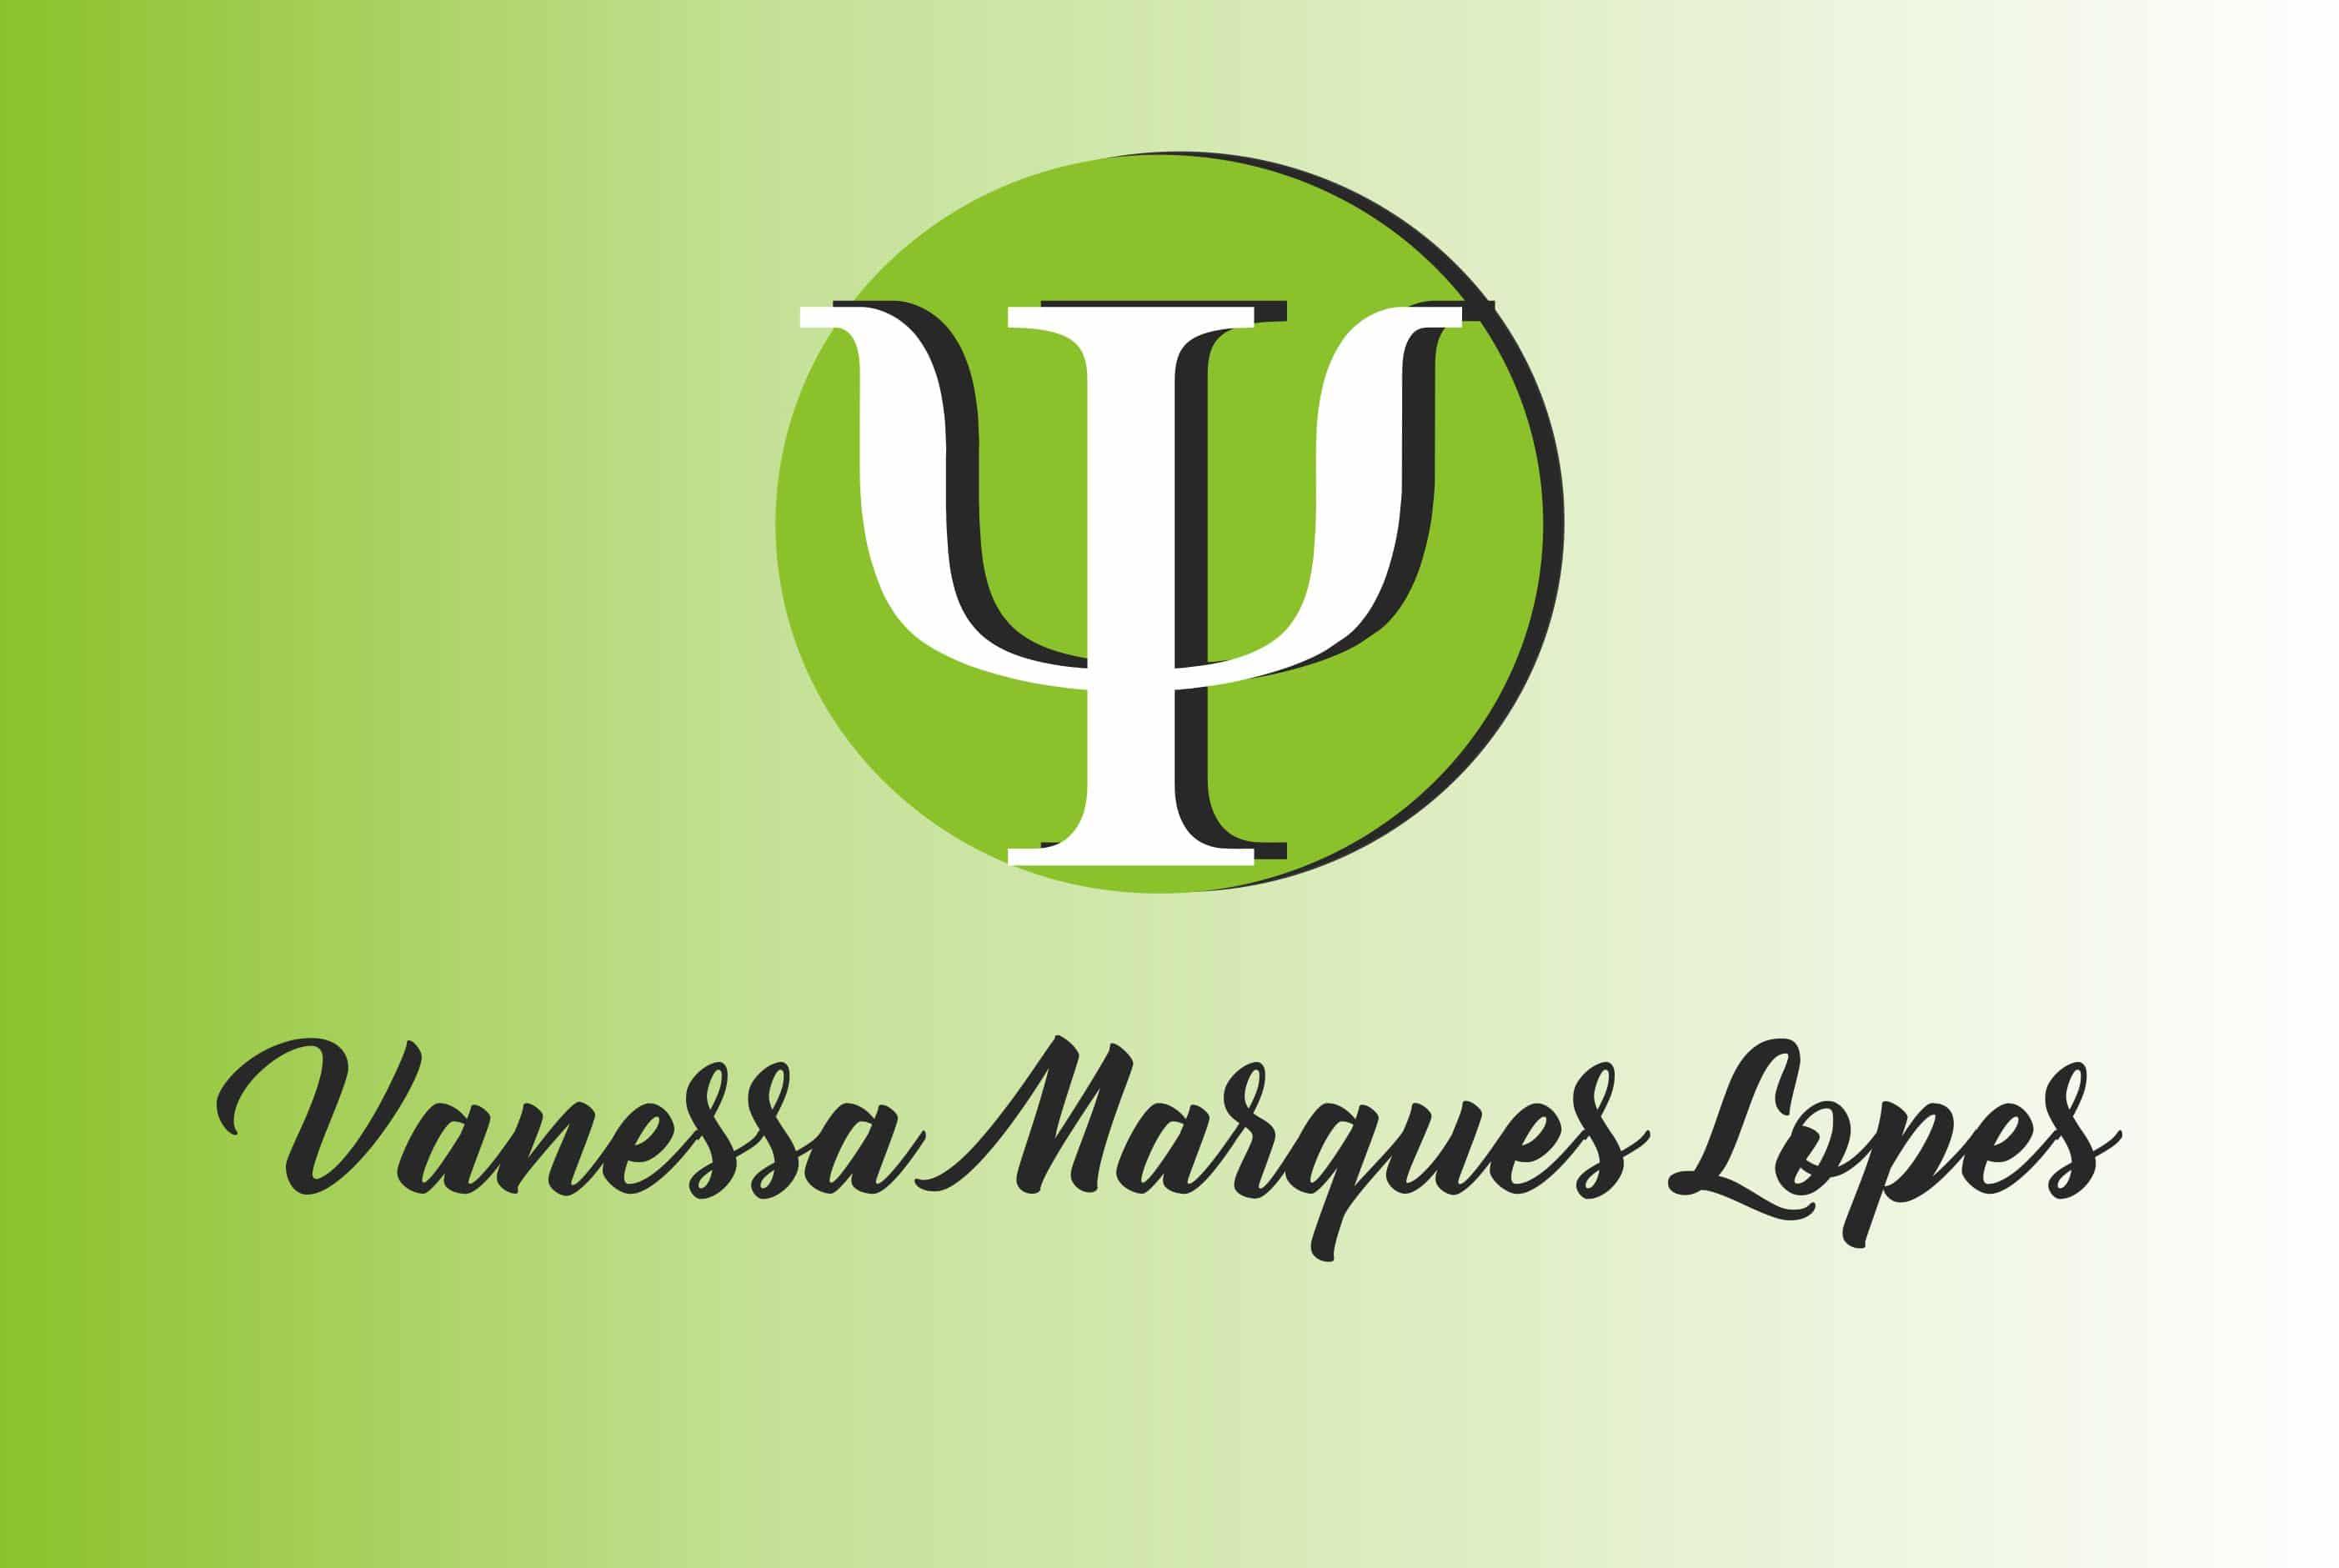 Vanessa Marques Lopes